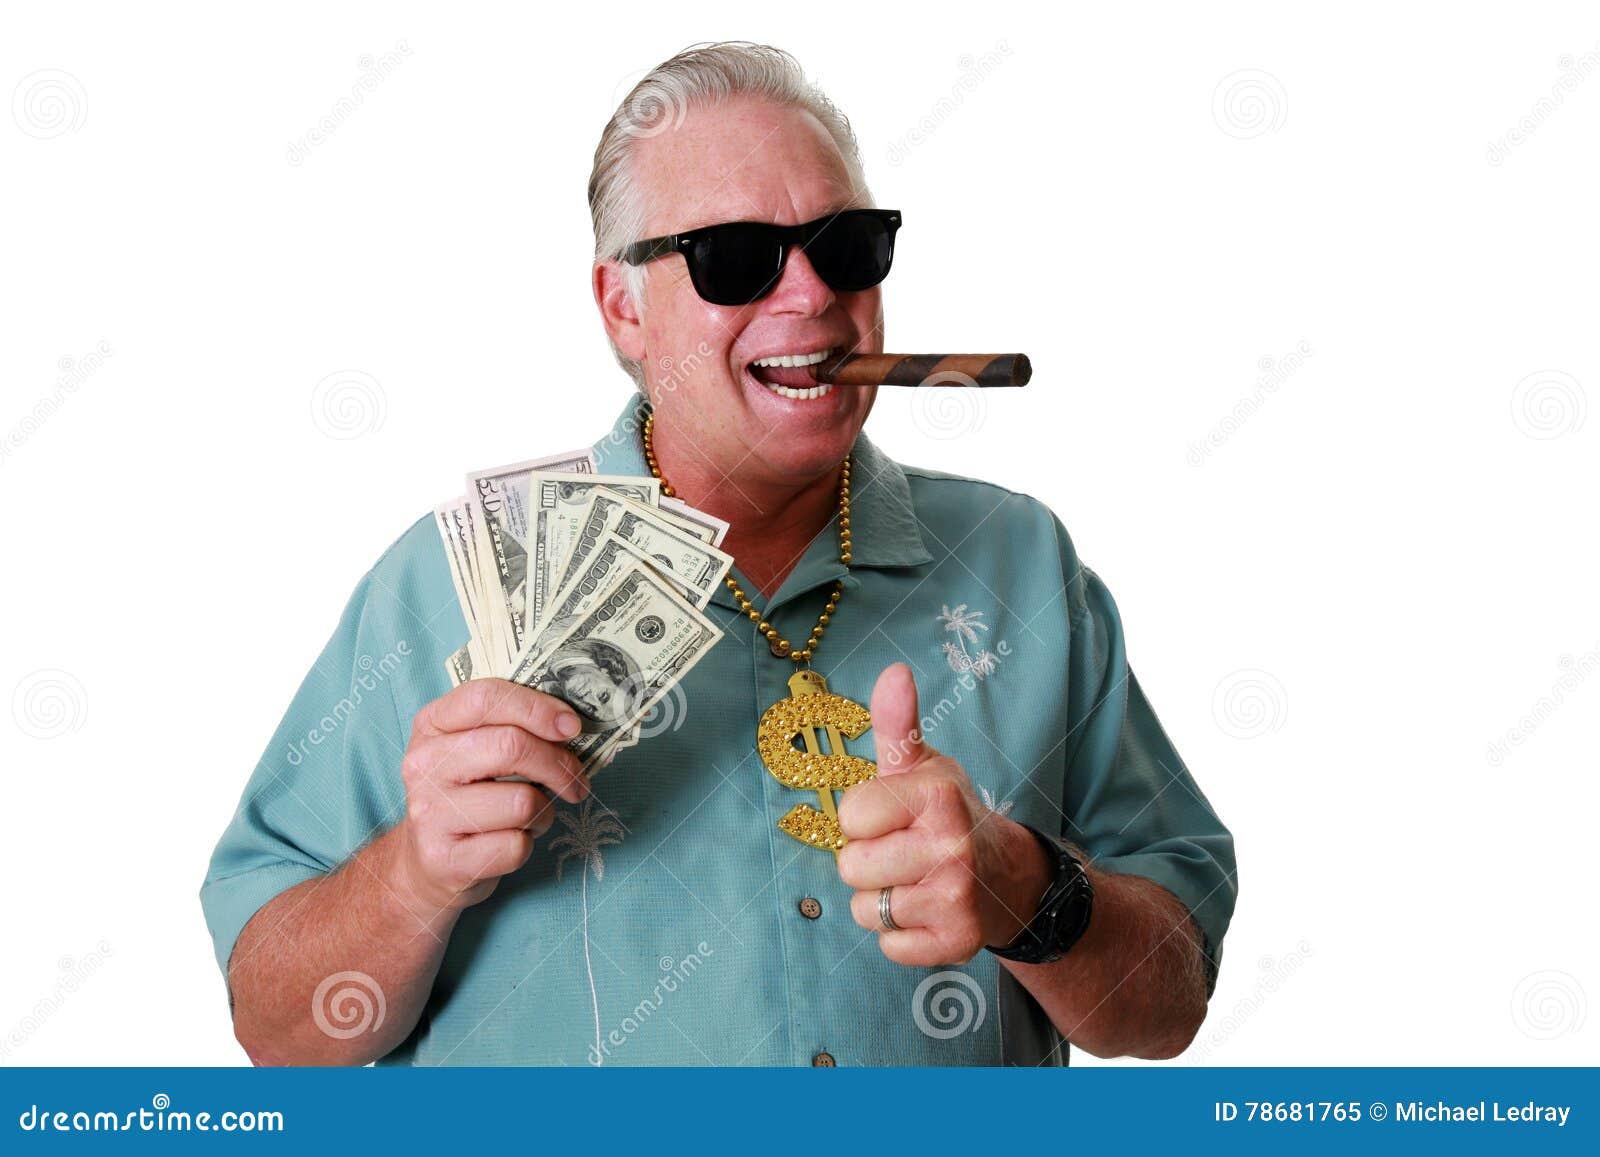 En man med pengar En man segrar pengar En man har pengar En man sniffar pengar En man älskar pengar En man och hans pengar En man